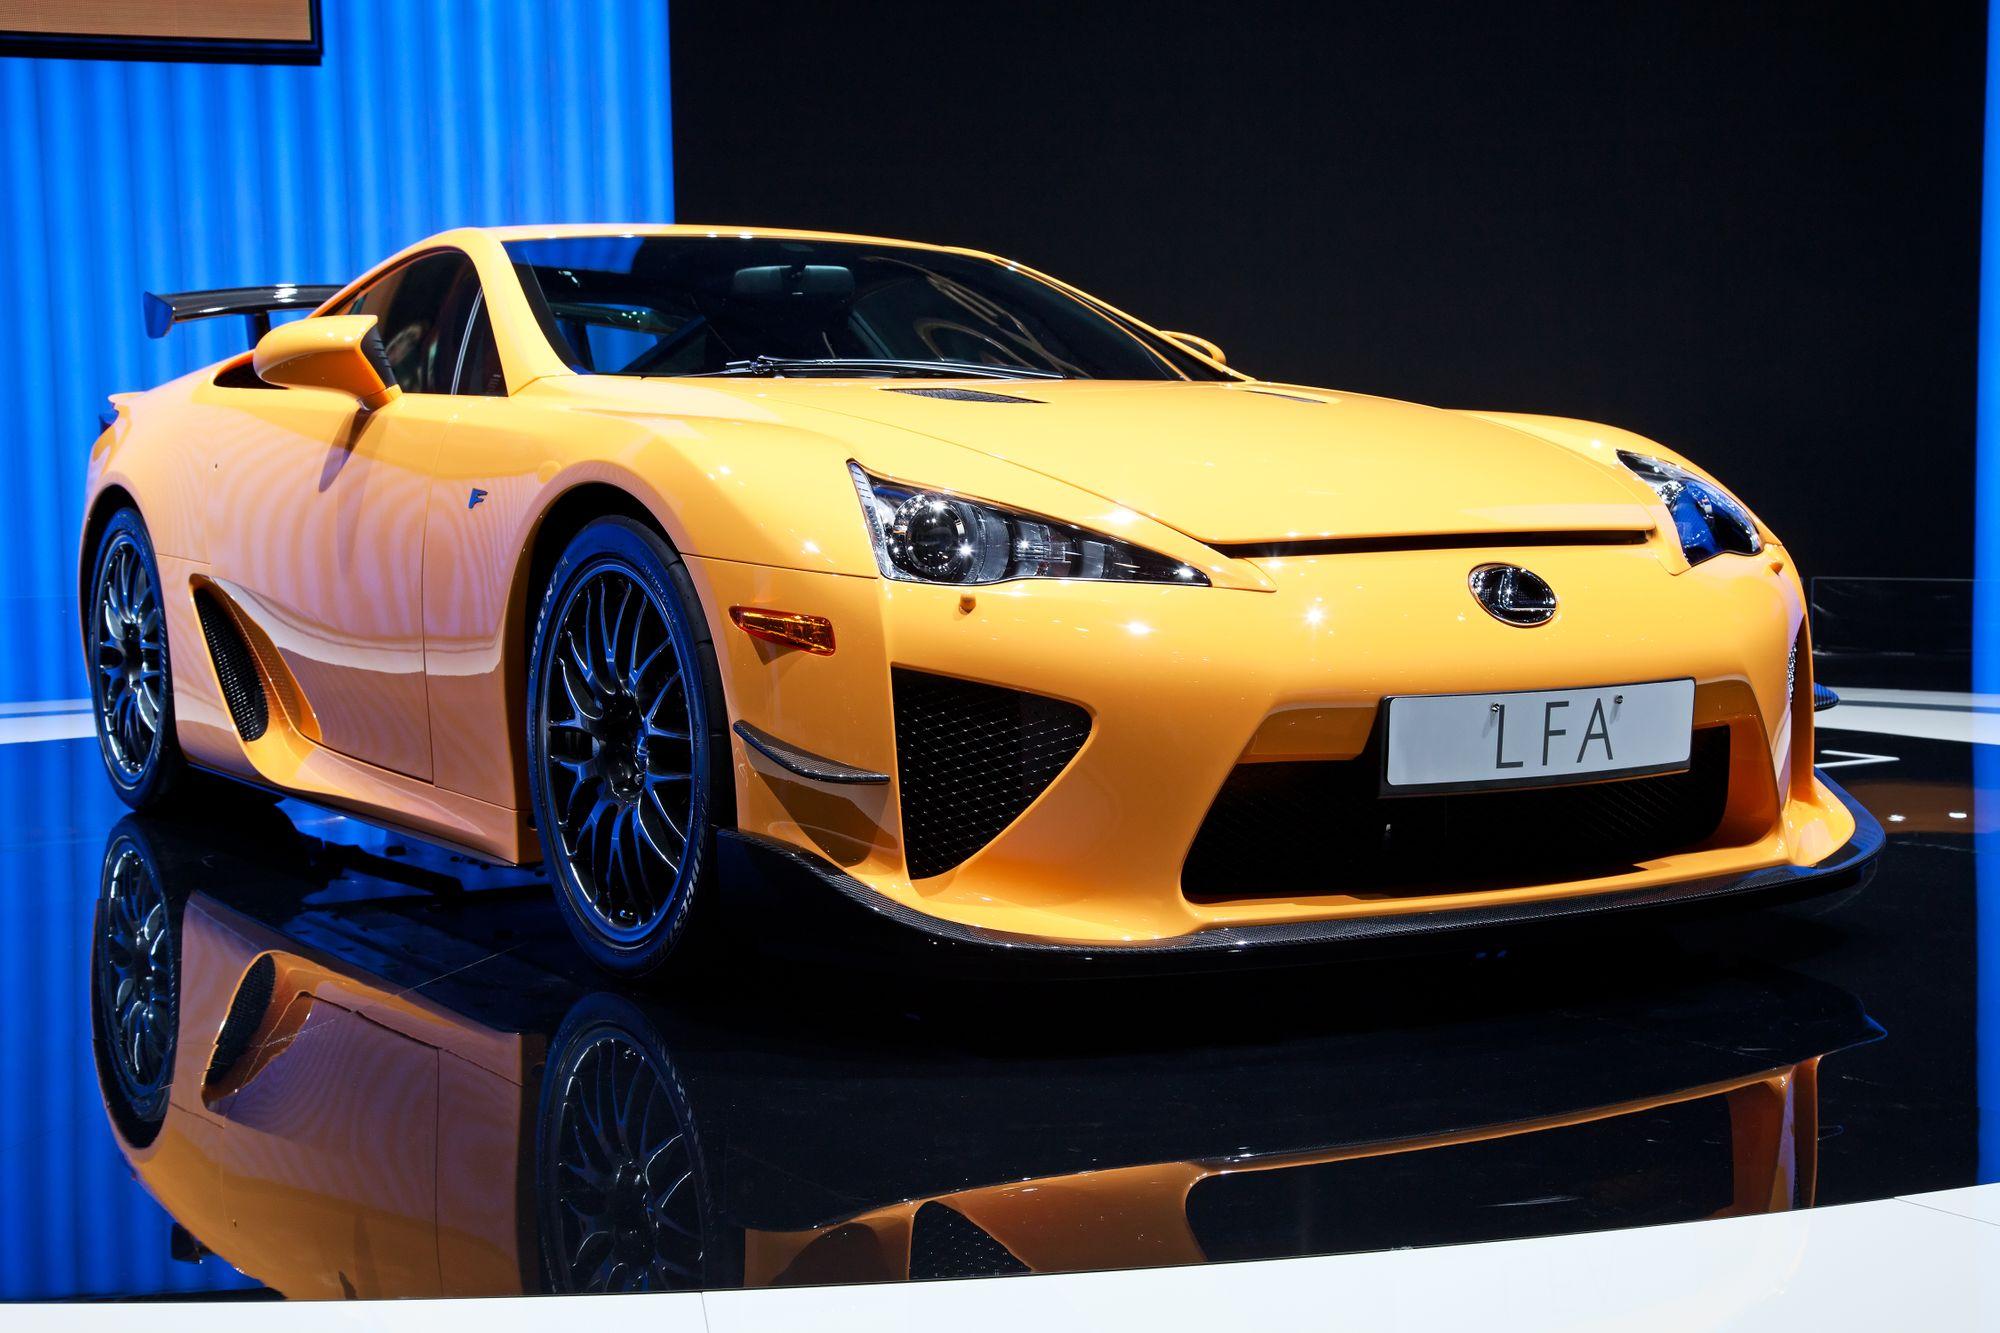 κίτρινη Lexus LFA σε έκθεση